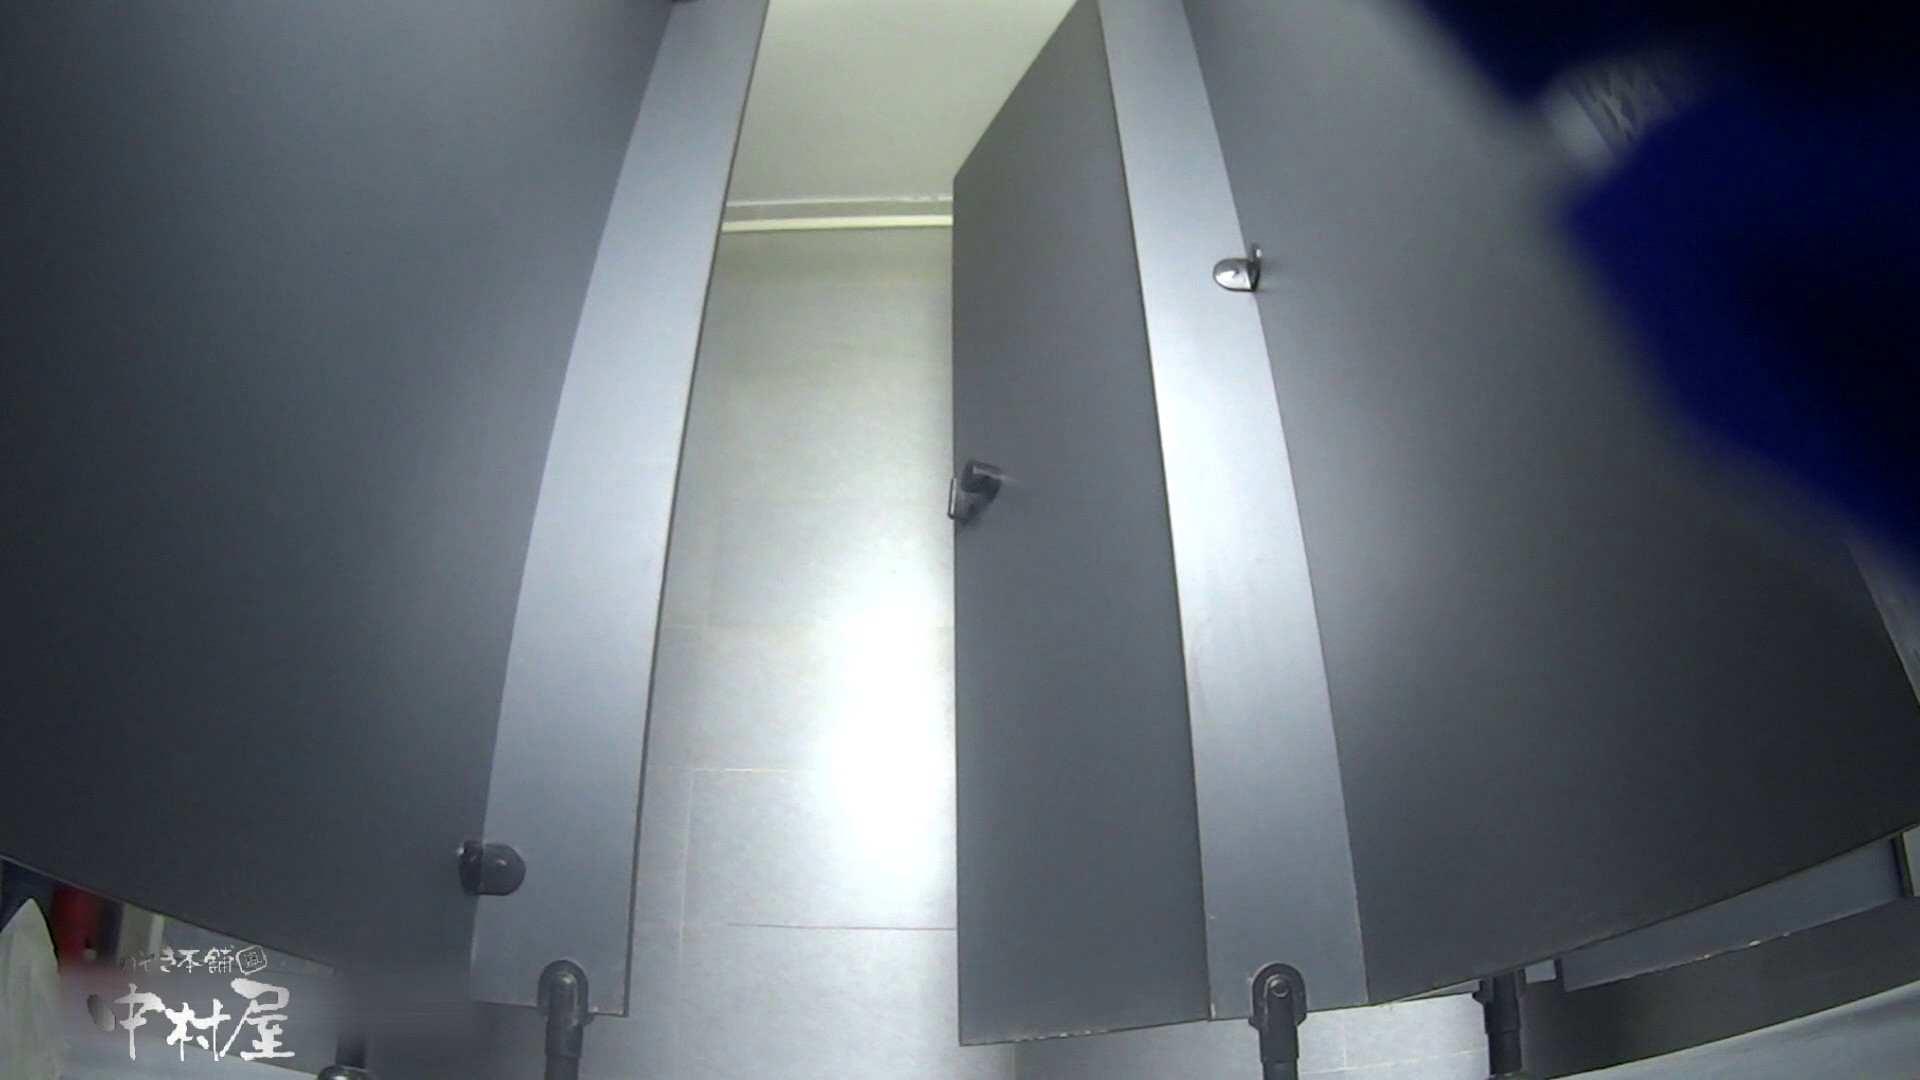 ツンデレお女市さんのトイレ事情 大学休憩時間の洗面所事情32 トイレ | お姉さんヌード  75画像 61